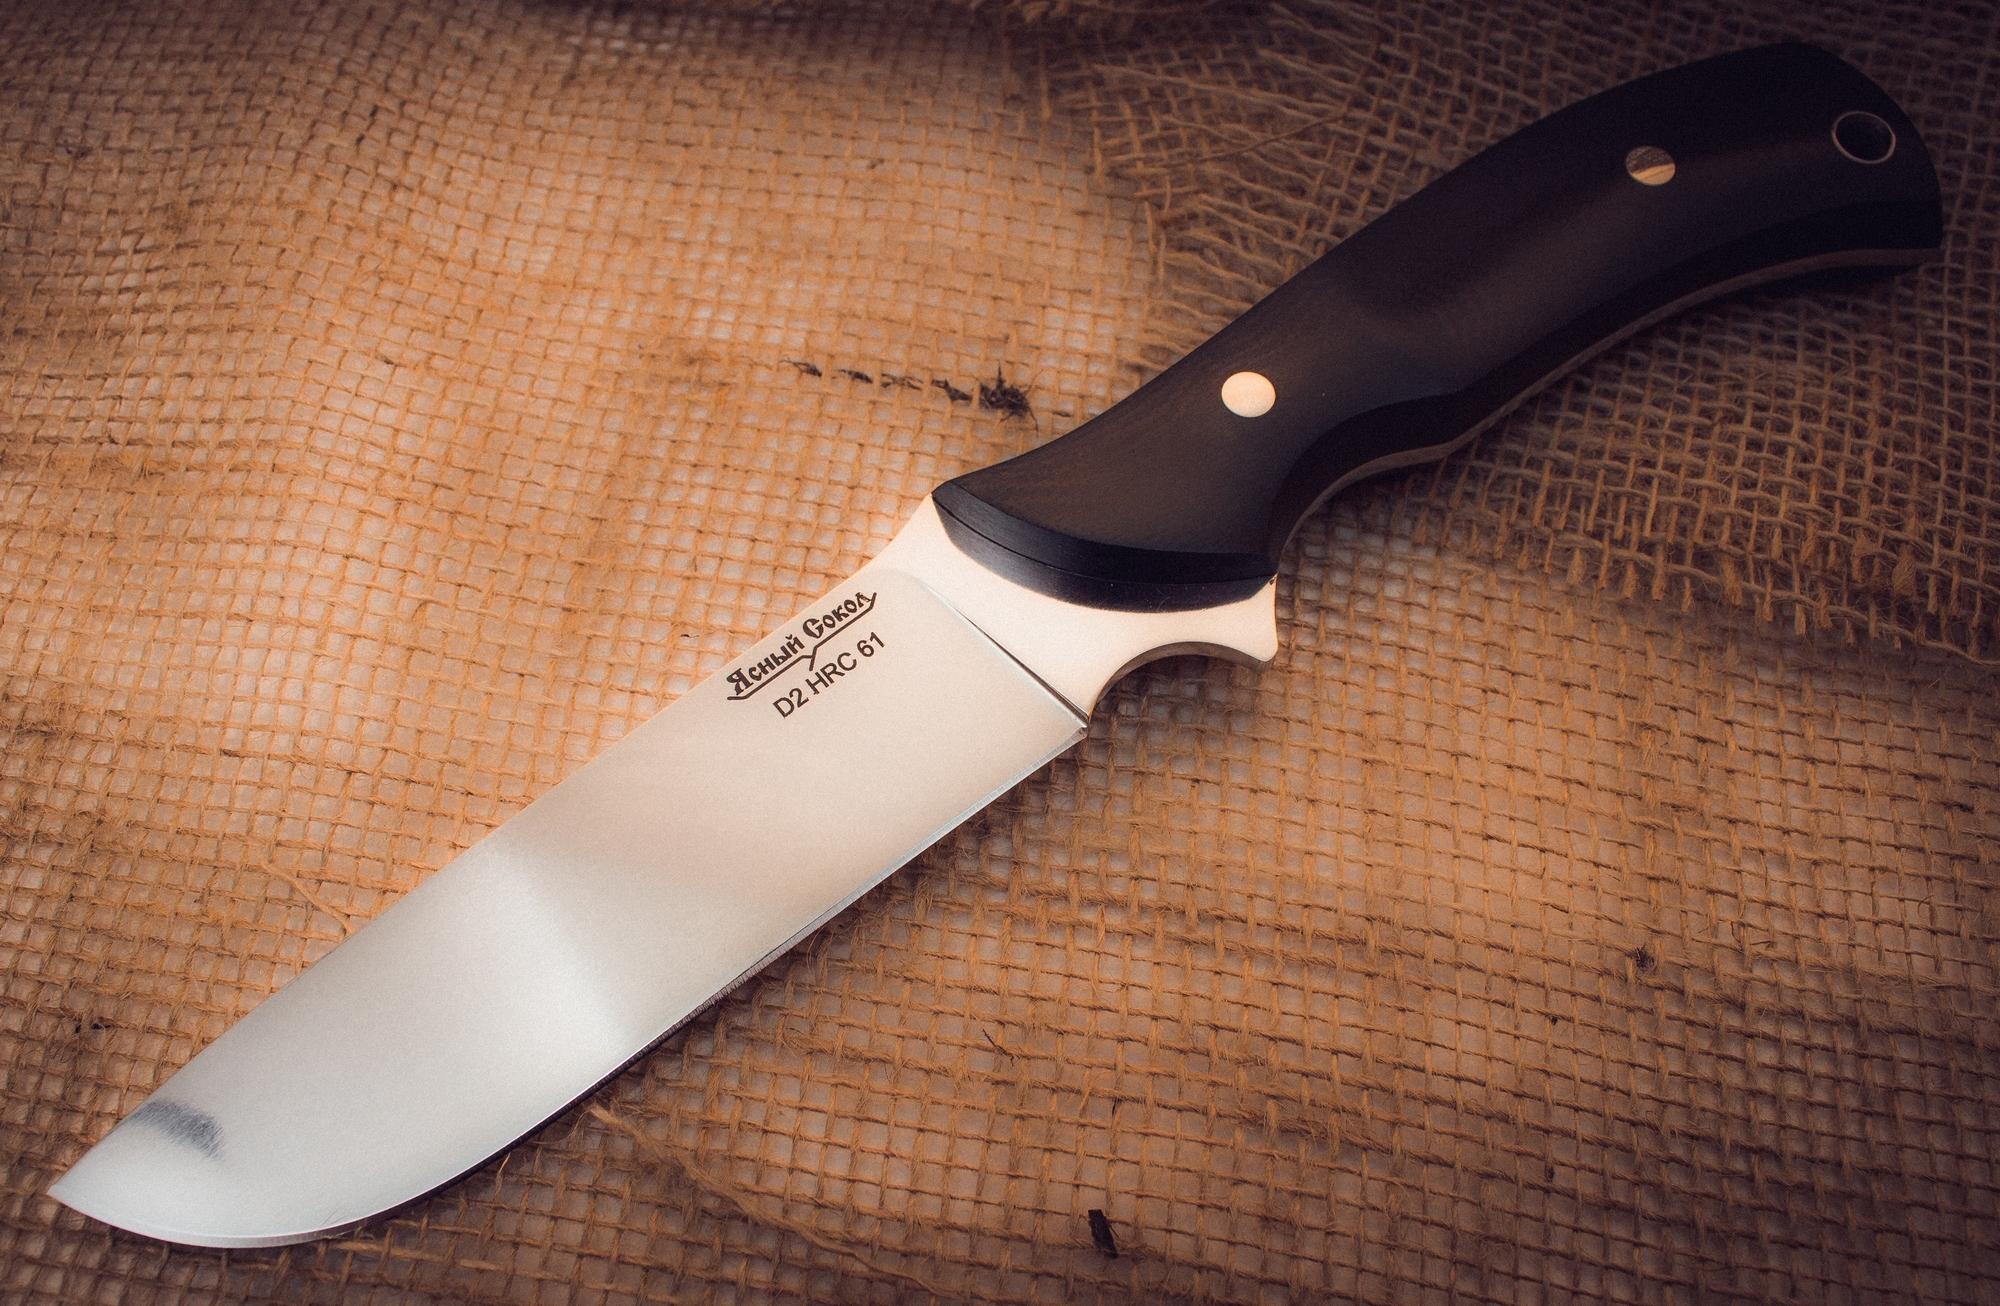 Цельнометаллический нож Охотник-2, сталь D2Ножи Павлово<br>Характеристики:<br><br>Марка стали клинка: D2<br>Длина ножа (мм): 255<br>Длина клинка (мм): 115<br>Длина рукояти (мм): 135<br>Наибольшая ширина клинка (мм): 30<br>Толщина обуха (мм): 3,5<br>Твердость стали: 61 HRC<br>Материал рукояти: G10<br>Материал ножен: кожа<br>Страна изготовитель: Россия<br>Производитель: Ясный Сокол<br><br>Нож Охотник 2 вобрал в себя лучшие наработки по созданию охотничьих ножей. Создавая этот нож, мы исходили из задач, с которыми приходится сталкиваться людям в дикой природе. Каждый элемент этого ножа хорошо продуман и имеет практическое применение. Клинок с широким прямым обухом предназначен для совершения силовых работ. Высокие спуски и тонкая заточка обеспечивают точный и контролируемый рез. Плавный подъем режущей кромки позволяет выполнять разделочные и шкуросъемные работы. Объемная рукоять с выемками для пальцев и упором - обеспечивает уверенный силовой хват. Отверстие в тыльной части предназначено для темляка или подвеса. Рукоять ножа выполнена из стеклотекстолита G10, прочность которого проверена в различных экстремальных ситуациях. Важным дополнением к такому ножу являются удобные ножны из толстой натуральной кожи. Ножны обработаны специальной пропиткой, которая защищает их от влаги и сырости. Две петли позволяют выбрать удобный тип подвеса - свободный или фиксированный. Логотип компании «Ясный Сокол» является стильным штрихом, который завершает композицию.<br>